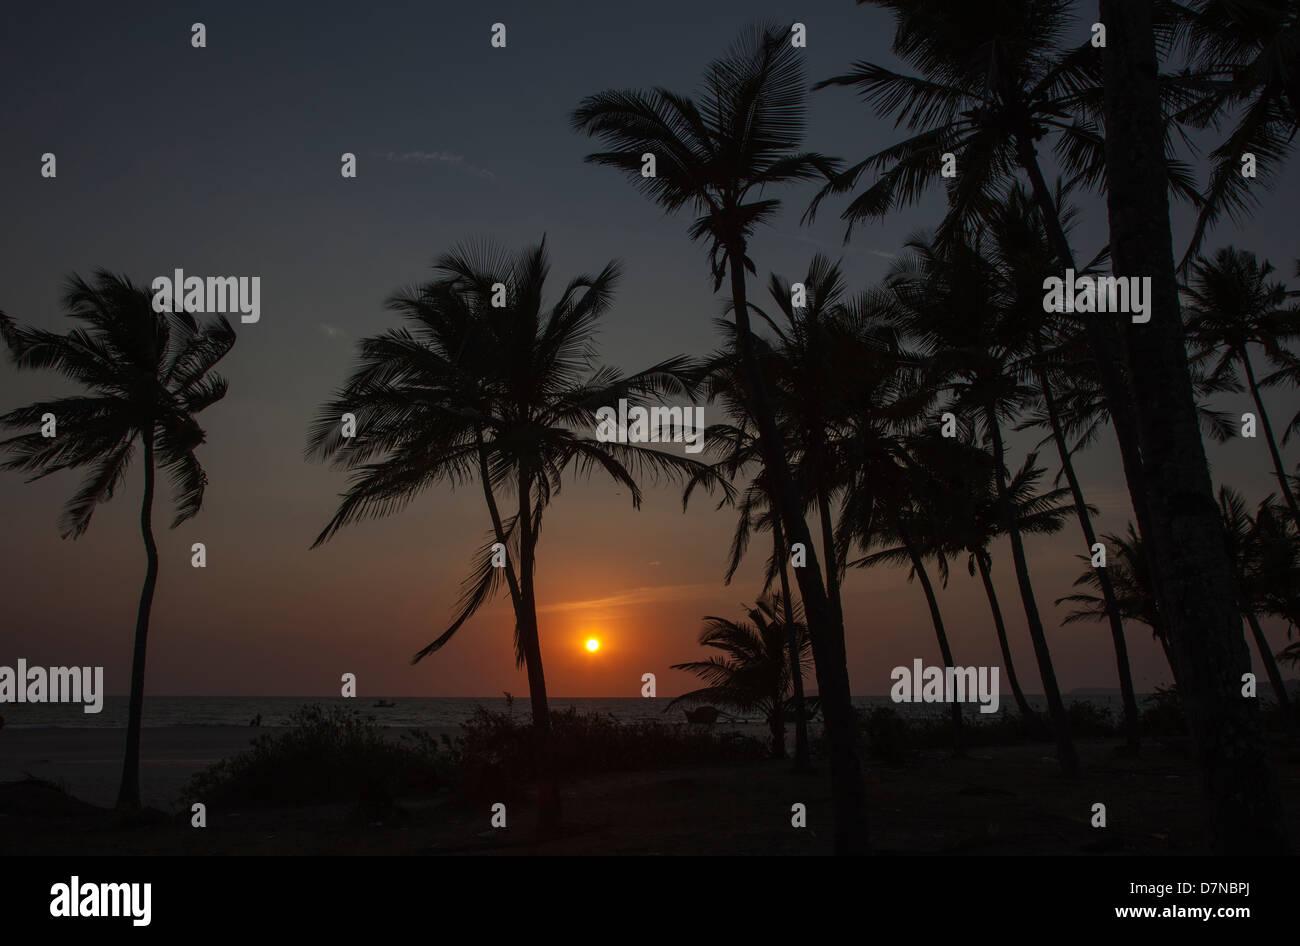 Un coucher de soleil vu à travers les palmiers sur la mer d'Oman, Arossim Beach, dans le sud de Goa, en Inde. Banque D'Images